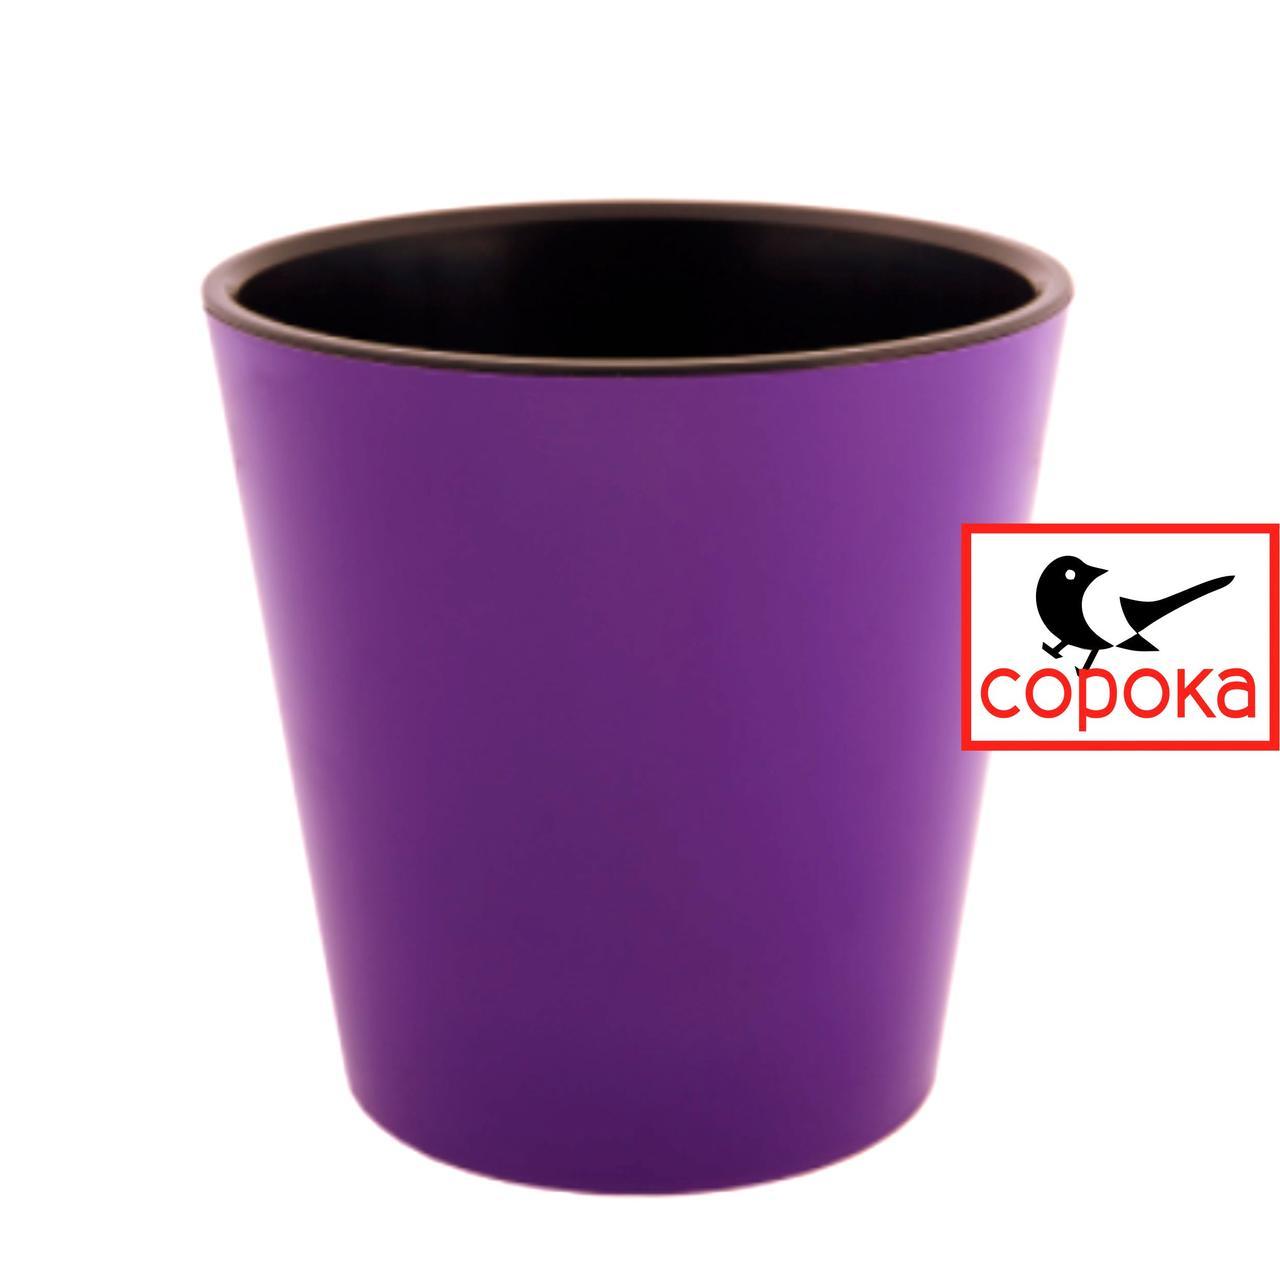 Вазон для цветов Алеана Деко 13*12,5см сиреневый 1л (Горшок для растений Деко со вставкой 1л)